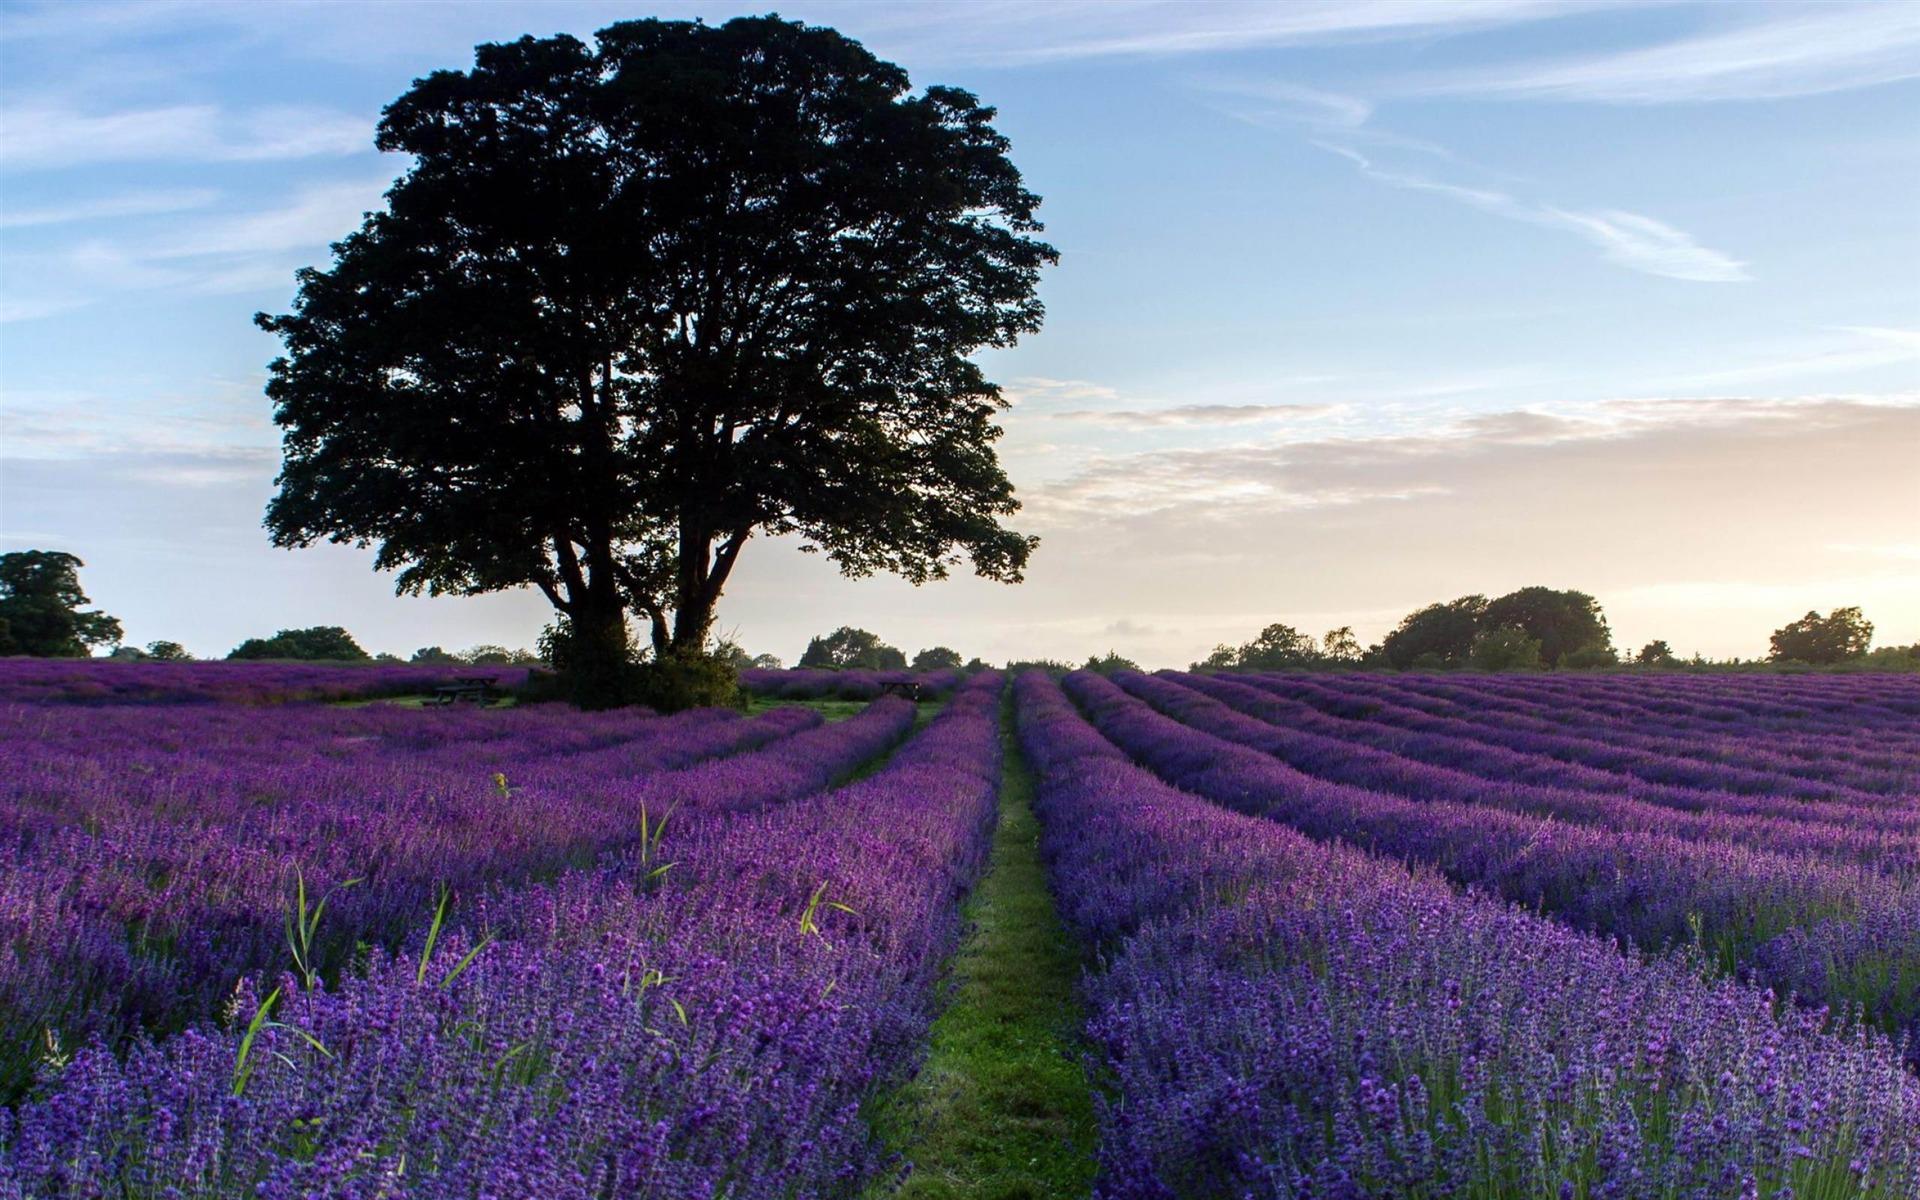 Flowers Landscape Others Lavender Purple Landscape Wallpaper 1920x1200